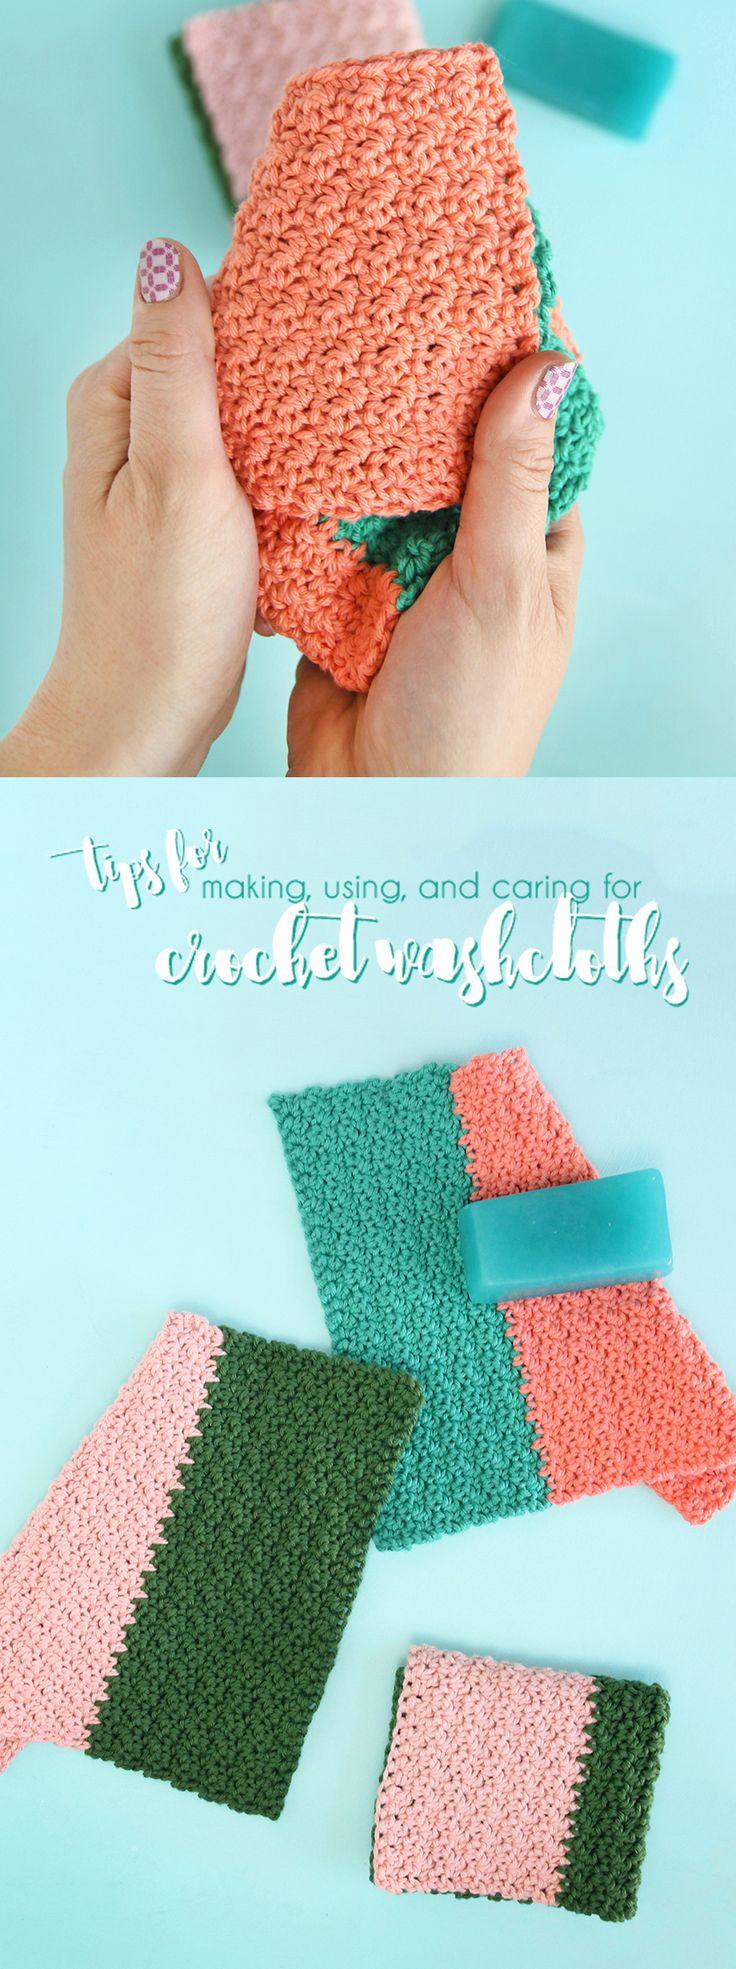 Dorable Los Patrones De Crochet Libre Para Scrubbies Cocina Bosquejo ...